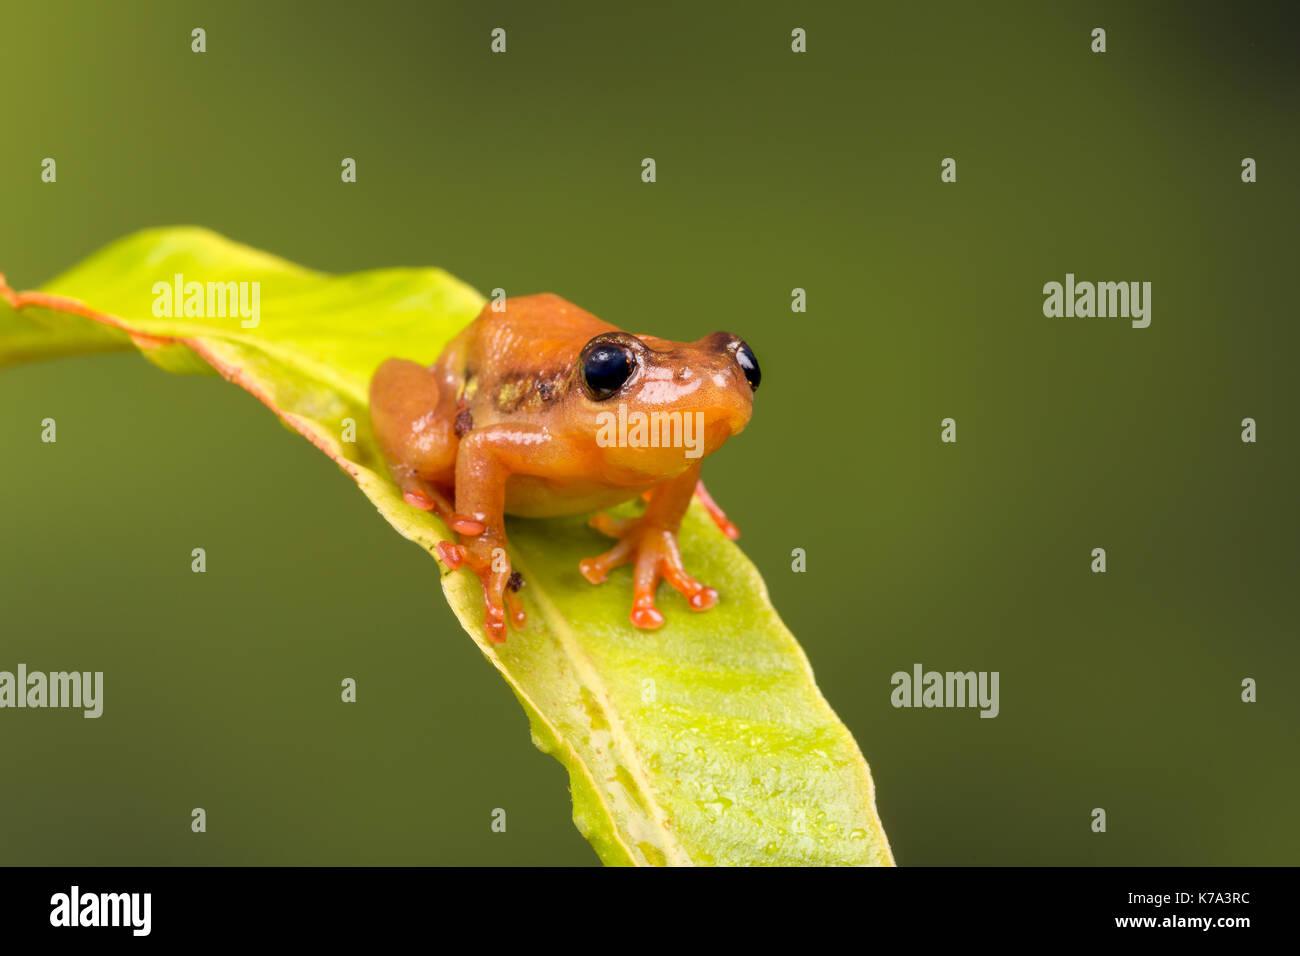 Arancio brillante golden sedge rana seduto su una foglia verde Immagini Stock